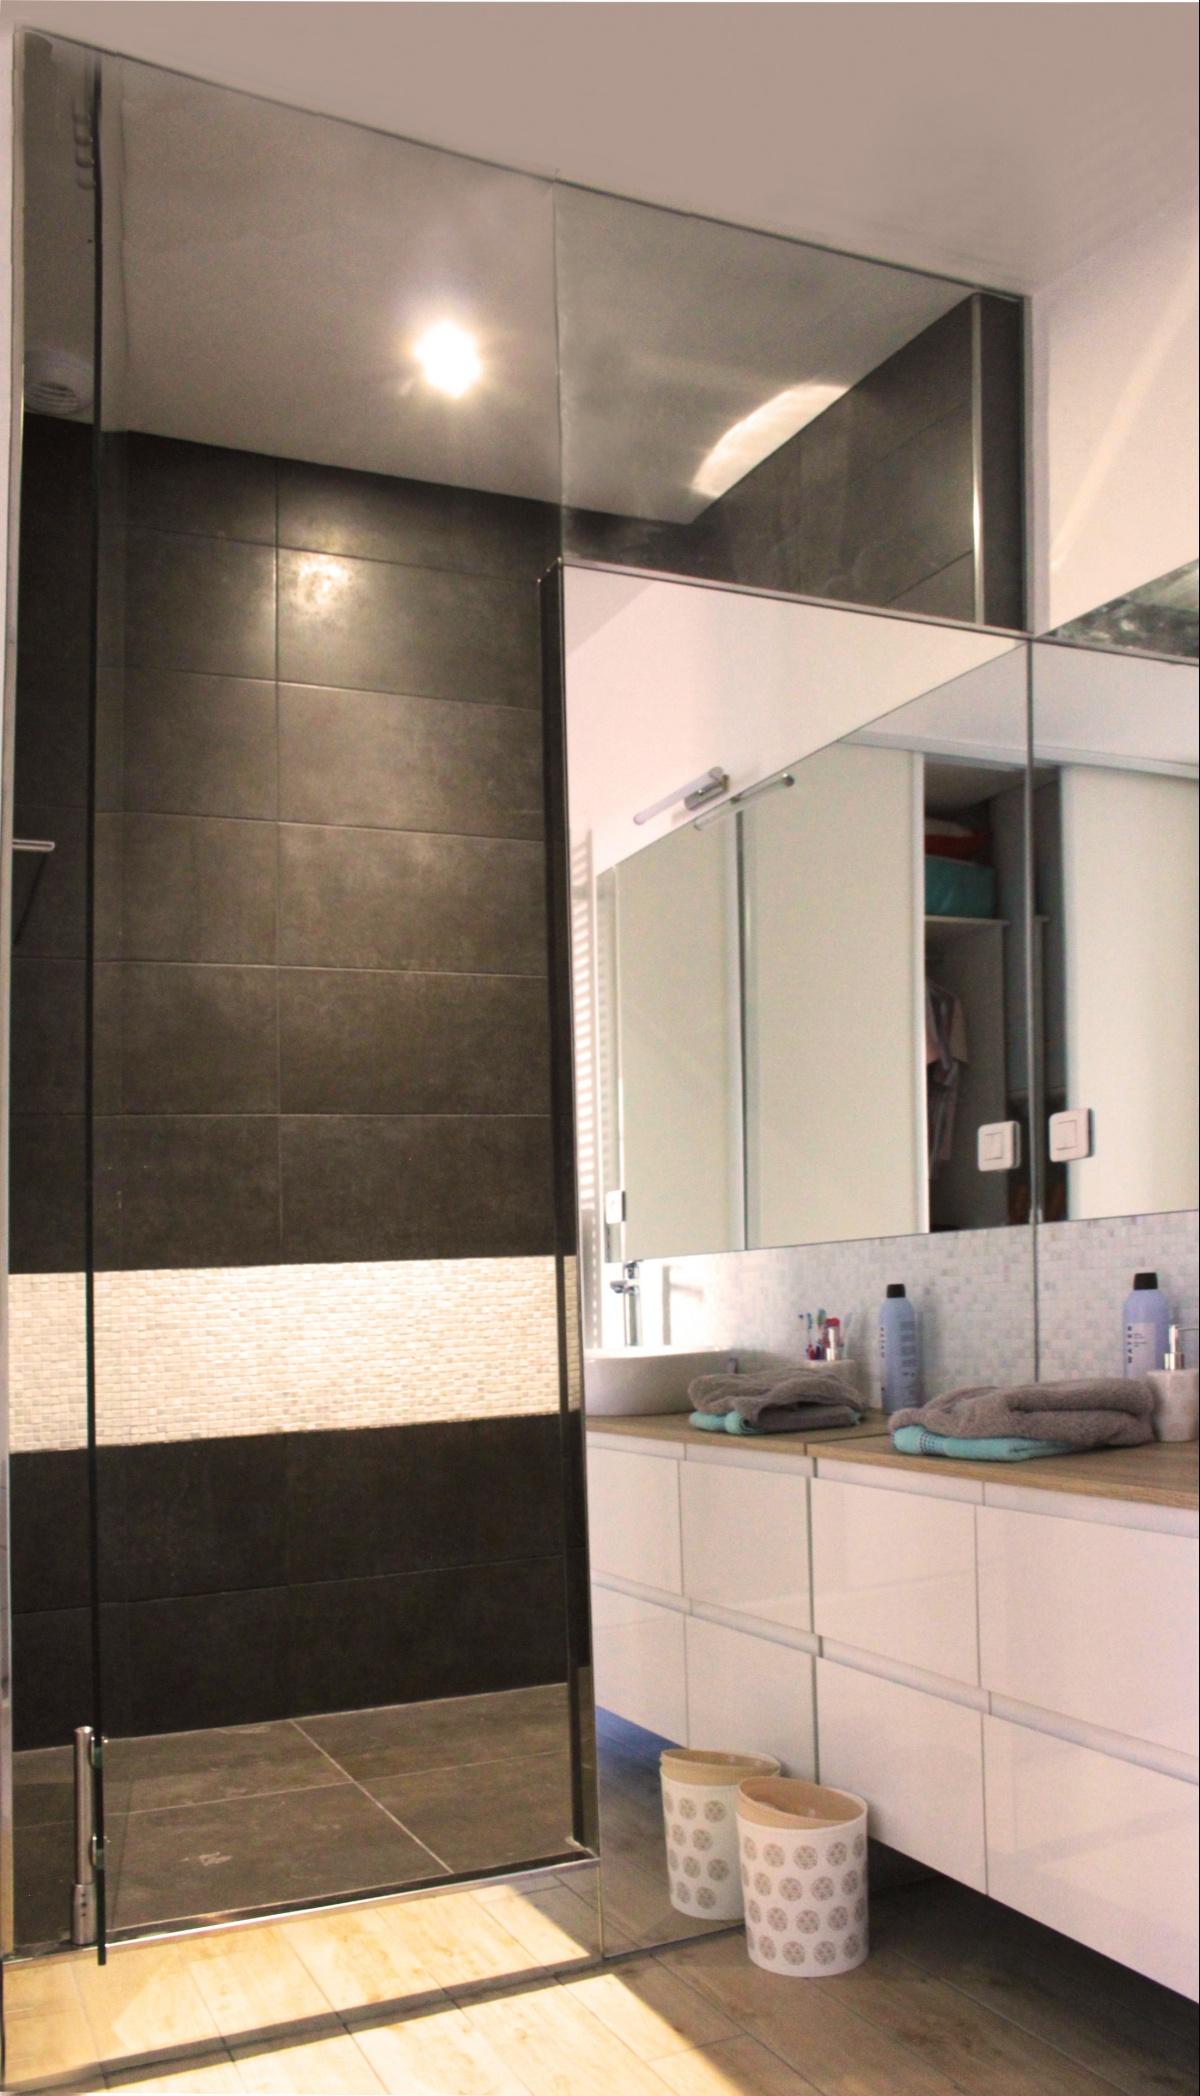 Rénovation d'un appartement de type haussmanien : 6 douche